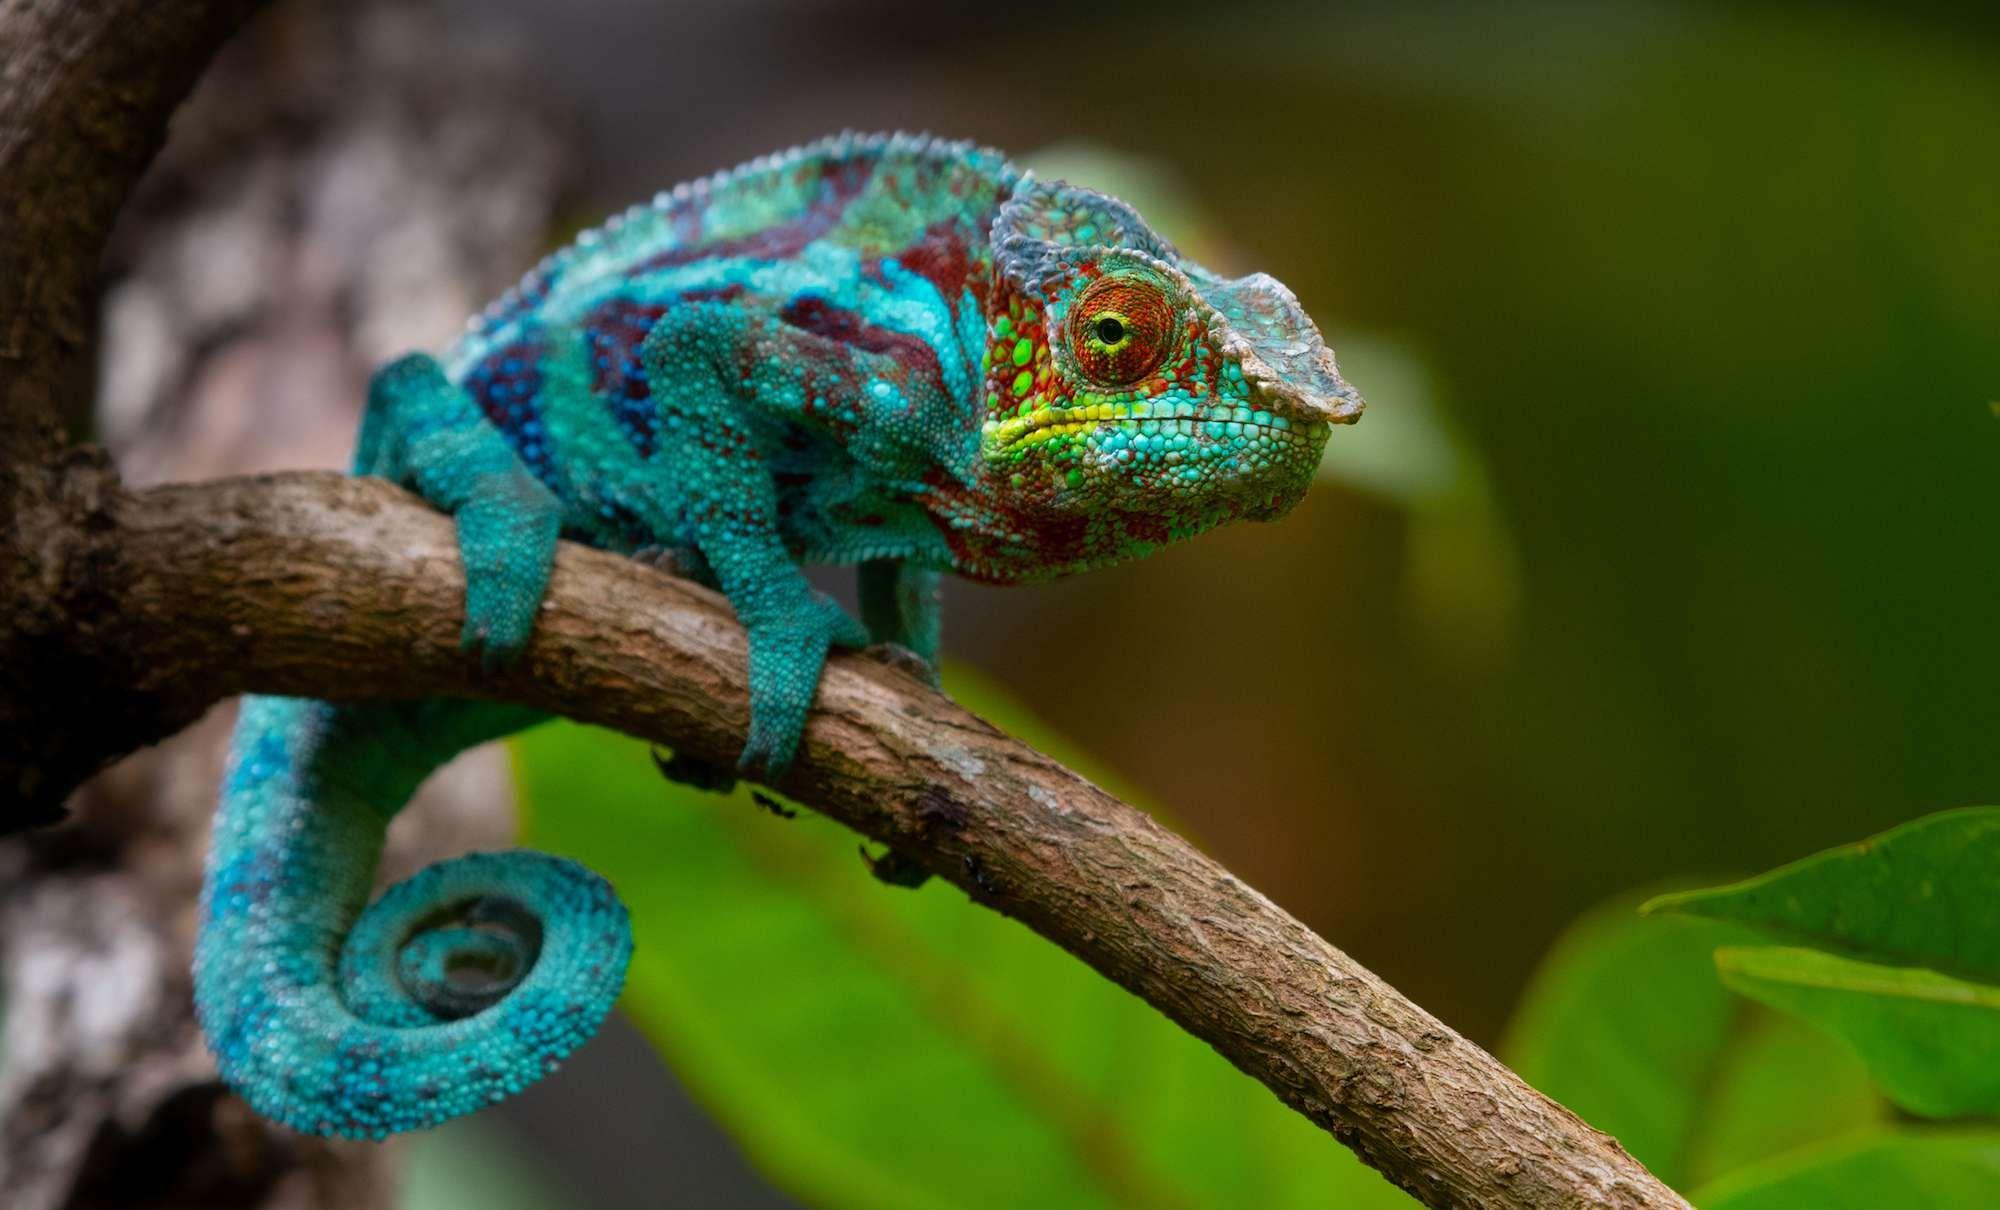 Chameleon Changing Color Google Search Chameleon Color Chameleon